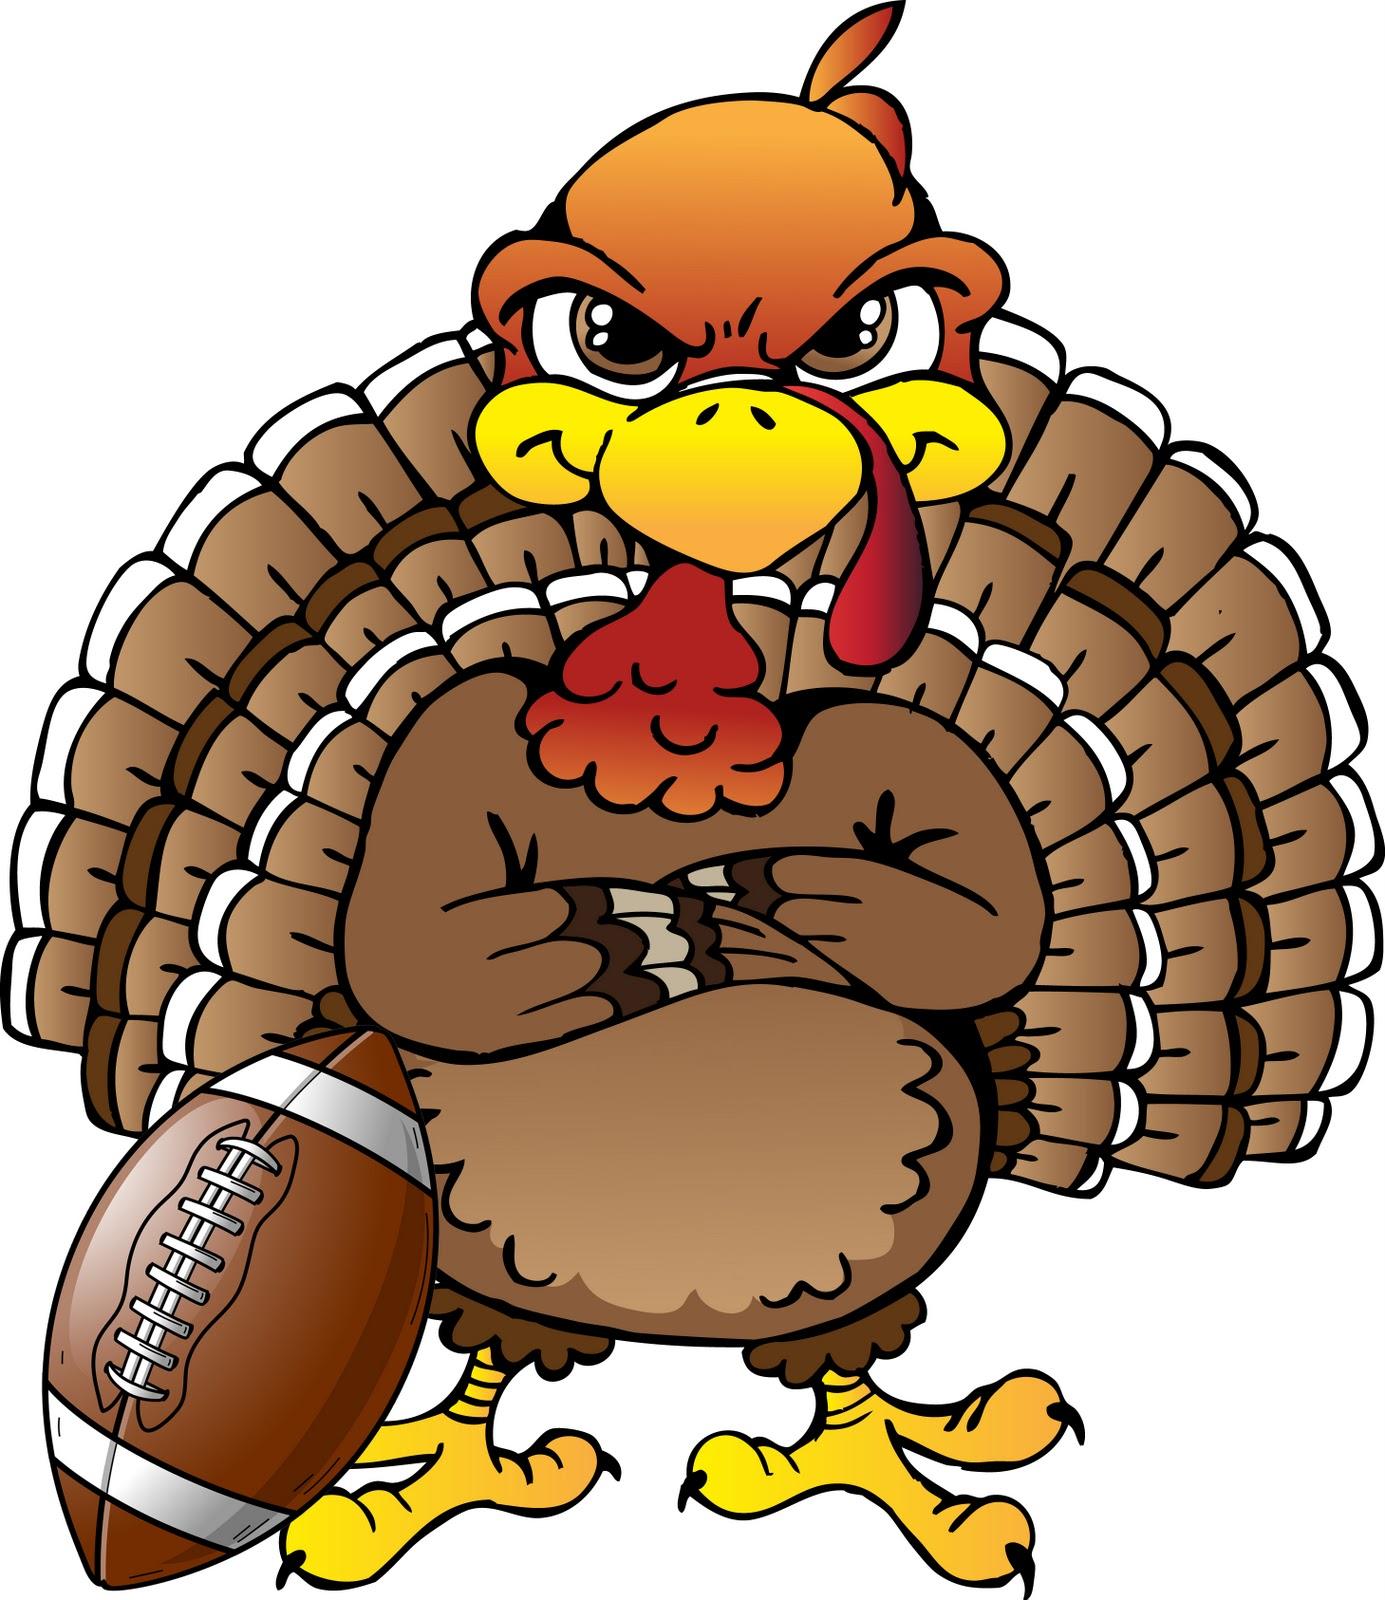 Funny Turkey Clip Art | Funny Thanksgiving Images, wallpaper, Funny Thanksgiving Images hd ... | Art | Pinterest | Very funny, Thanksgiving and Funny ...